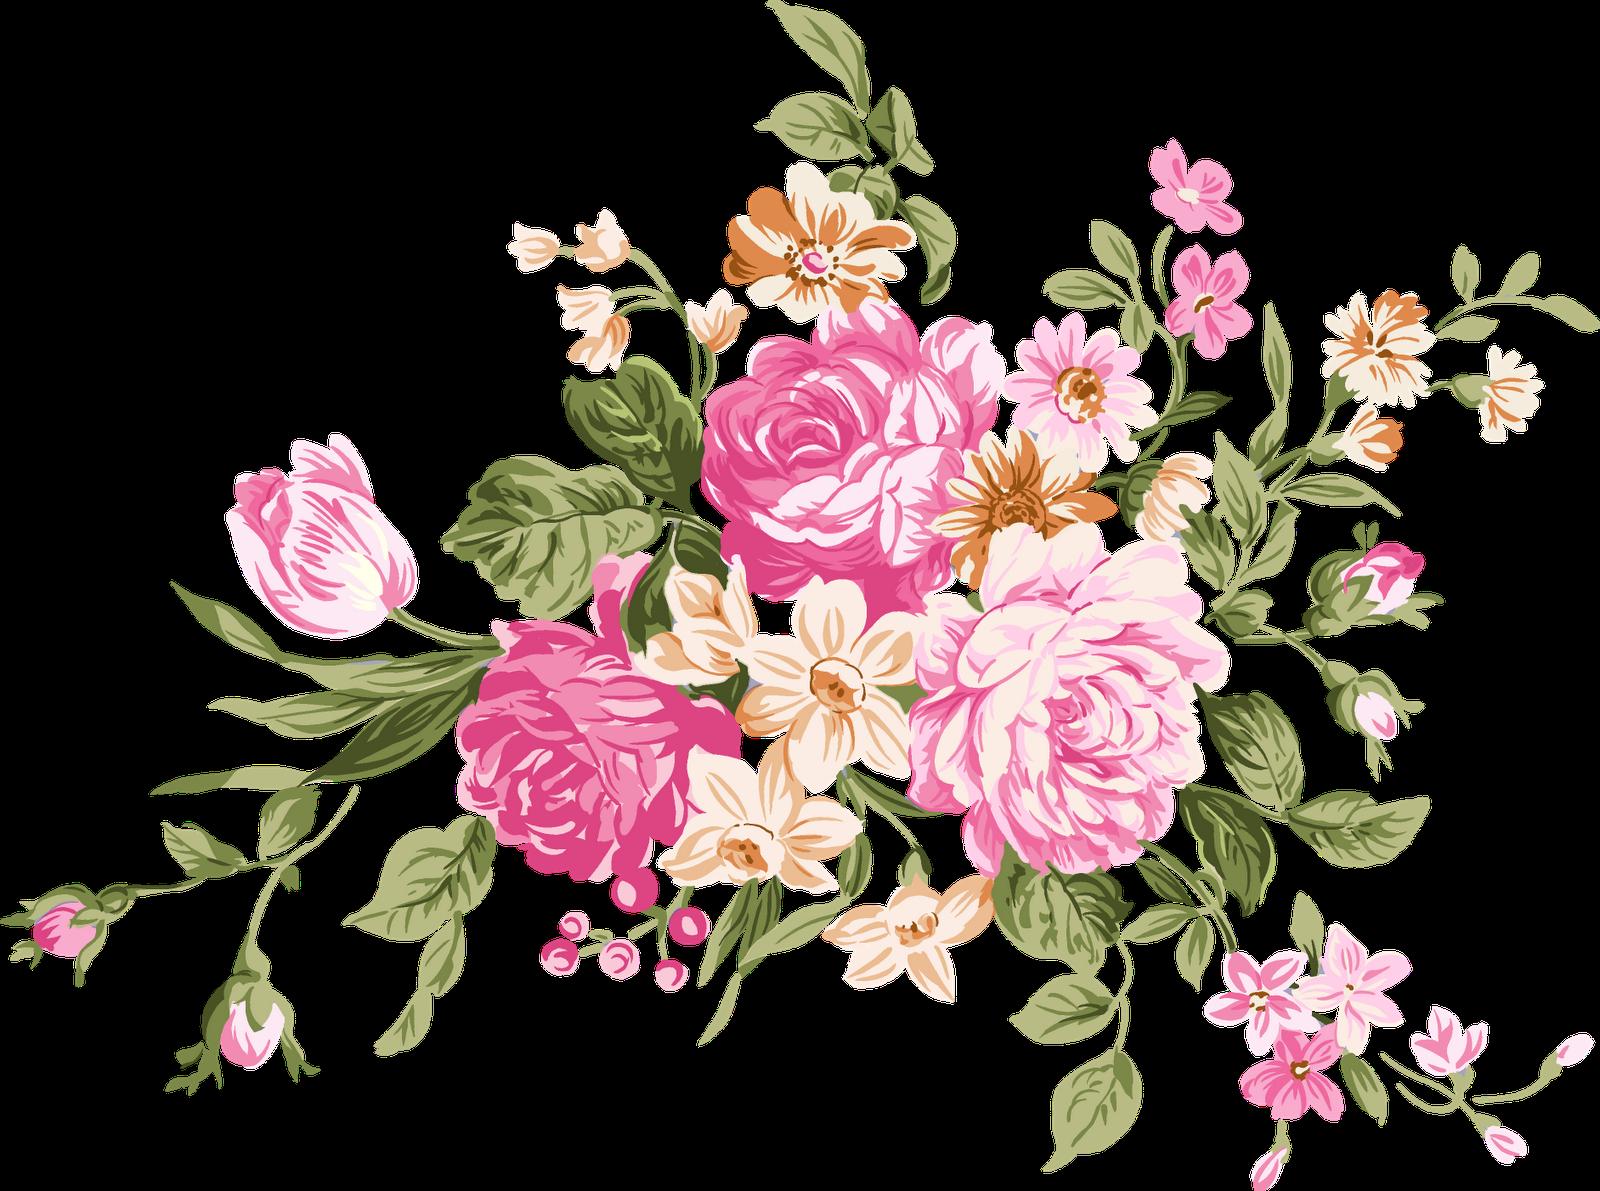 Картинки цветов для открыток на белом фоне